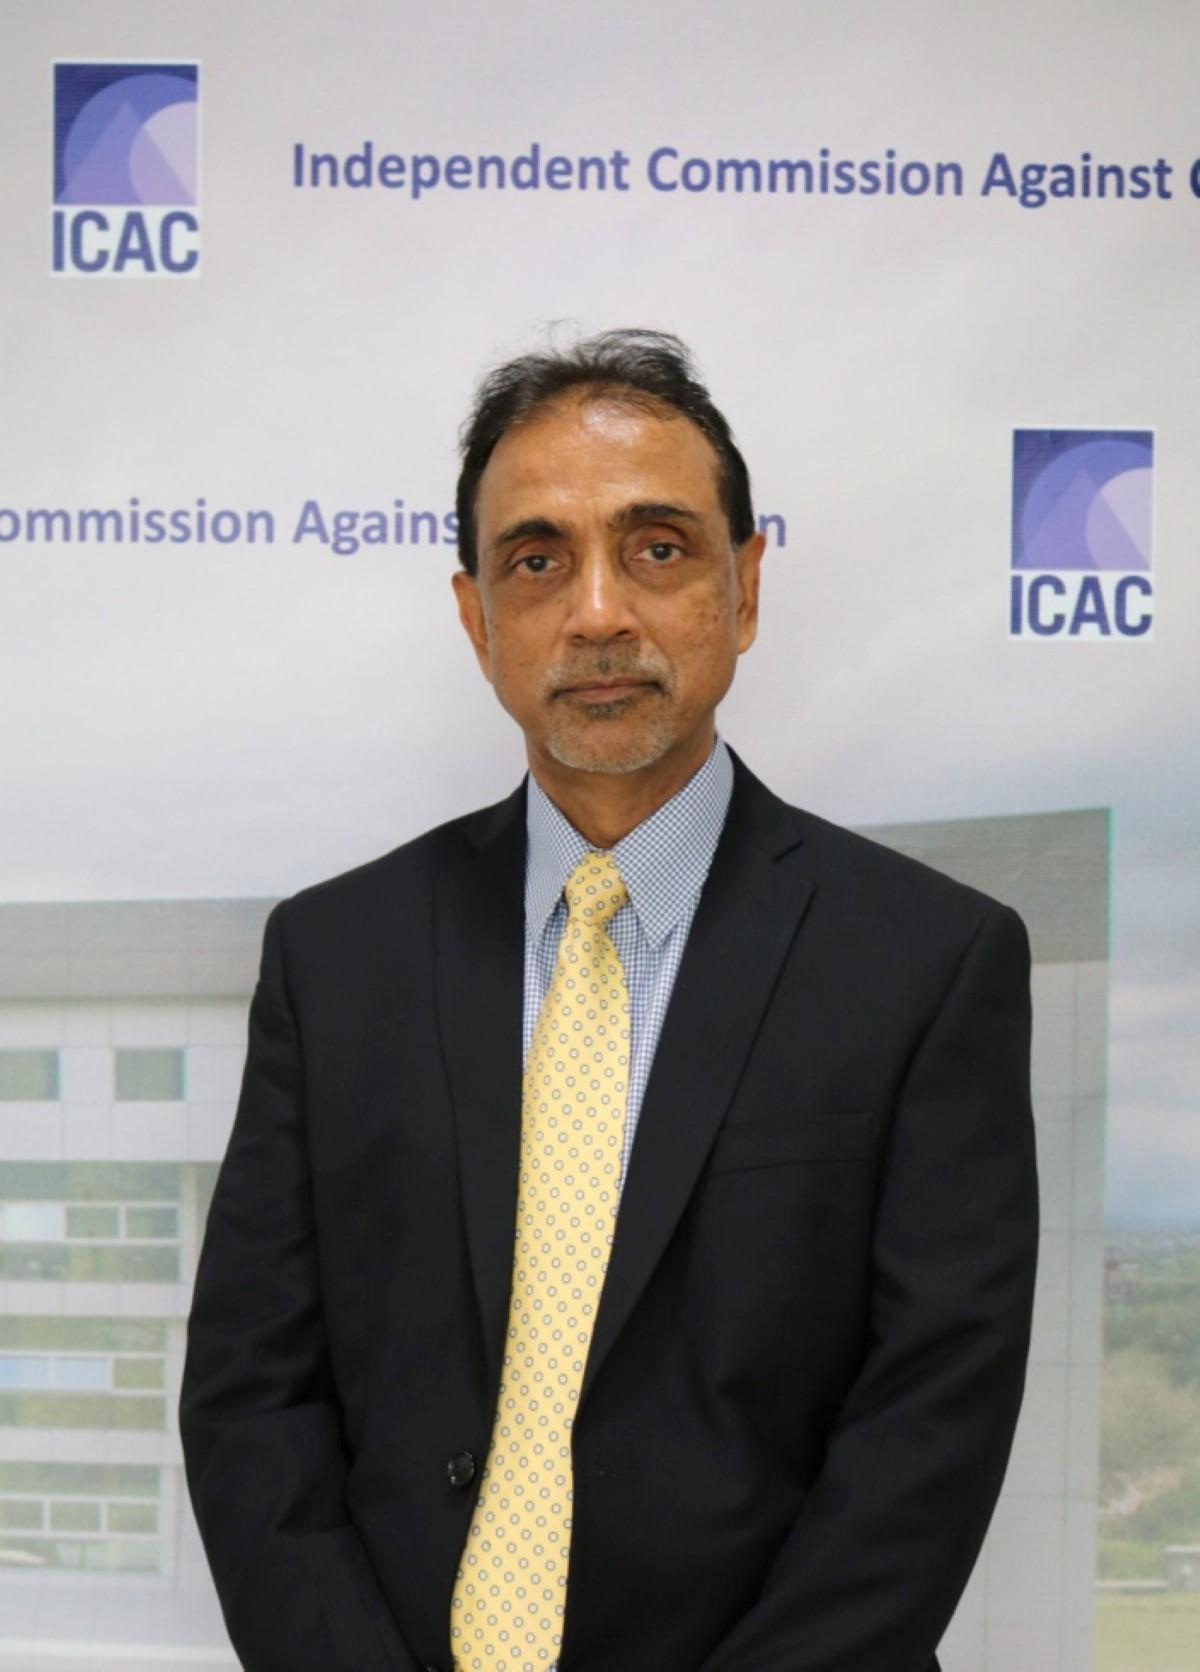 Le salaire de Navin Beekharry, directeur général de l'ICAC, secret d'Etat ?